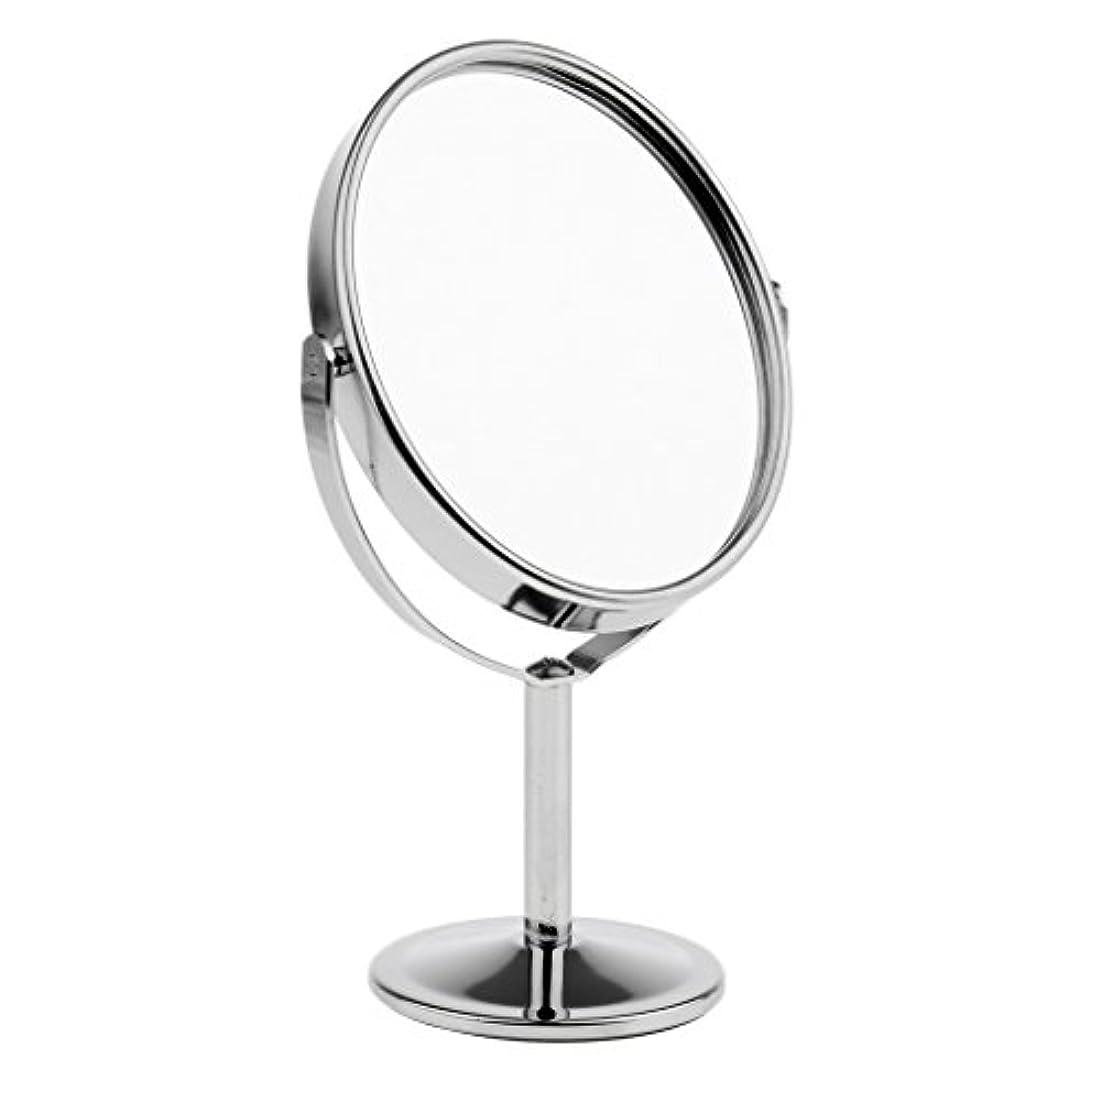 第四カードシートFutuHome ミニレディーガール美容メイクアップ卓上ミラー化粧品デュアルサイドノーマル+拡大鏡スタンドミラー6インチ高さ - 銀